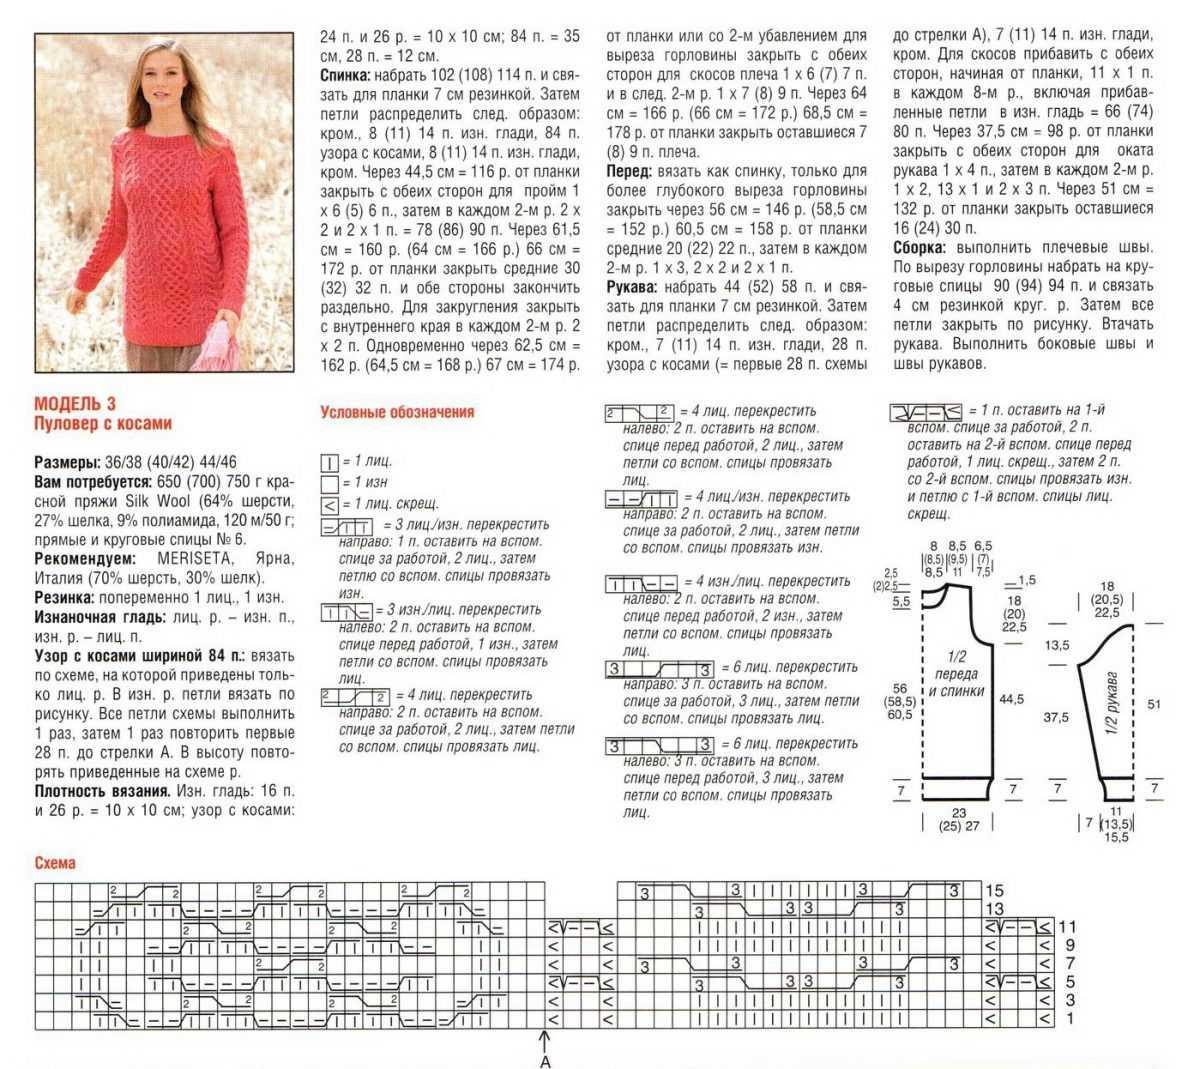 Женский джемпер описание вязания схемы